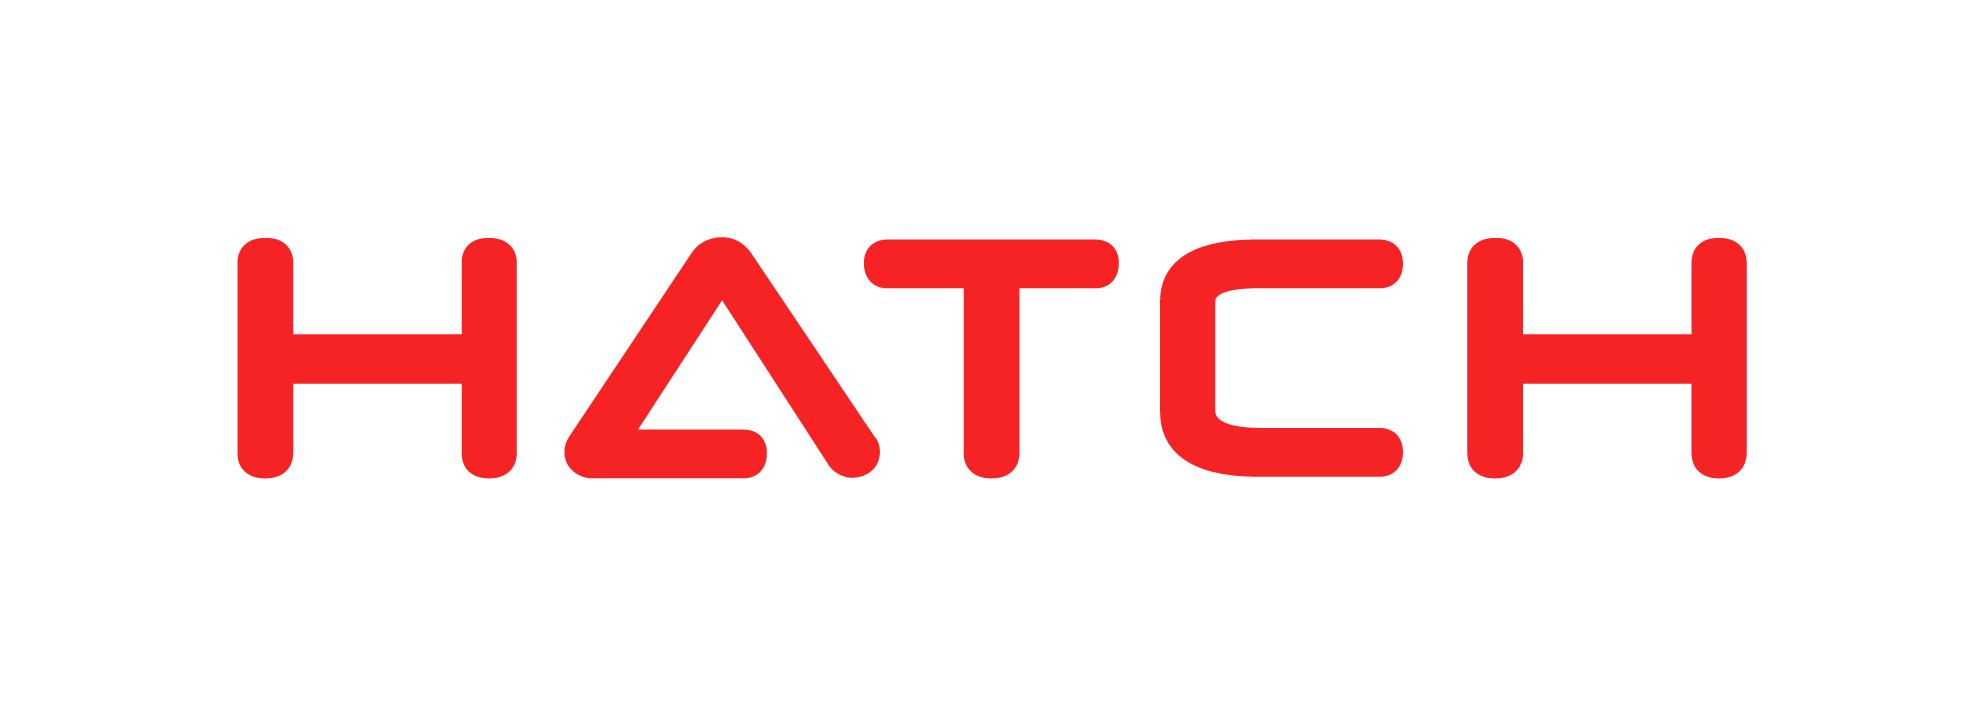 HAtch colour logo